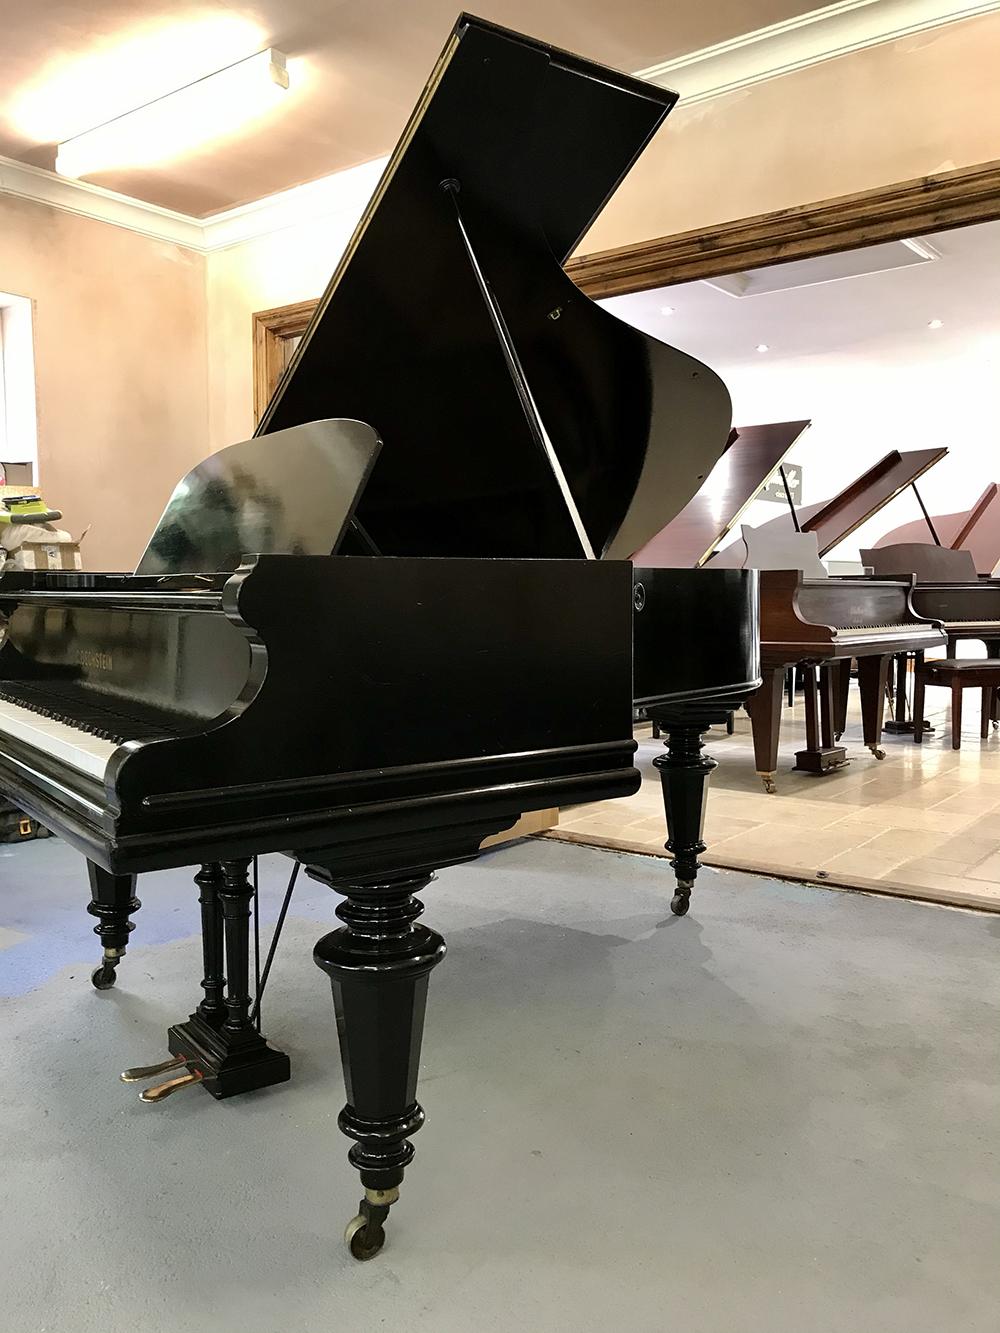 Bechstein-model-v-grand-Piano-Dorset-for-sale-4.jpg